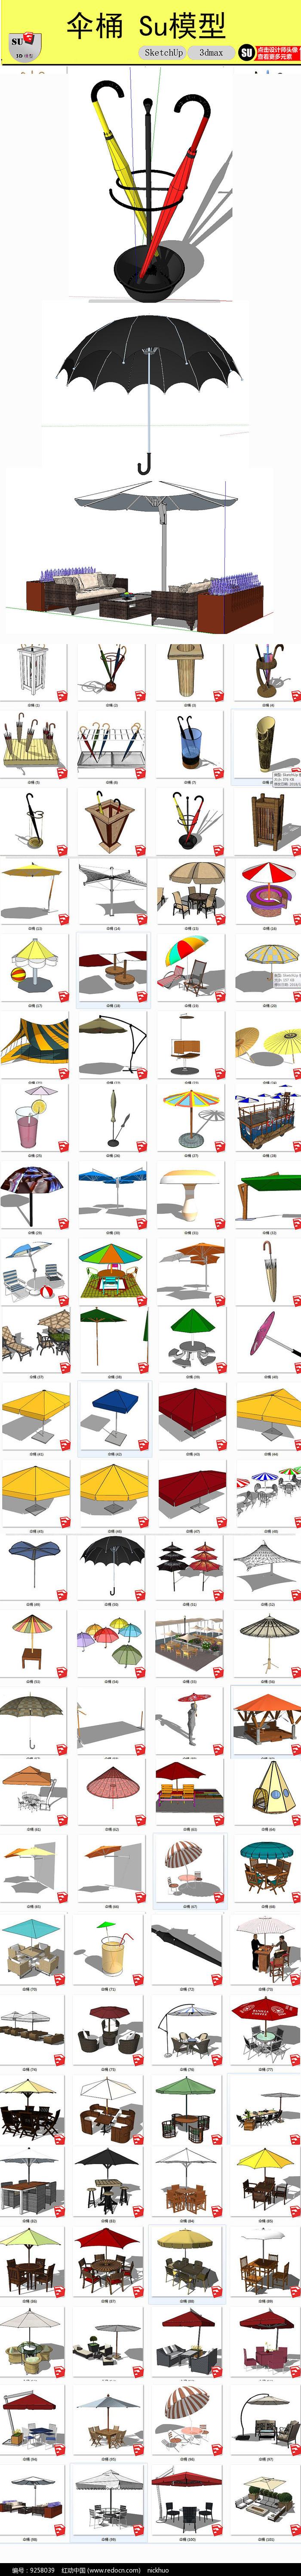 太阳伞遮阳伞模型图片